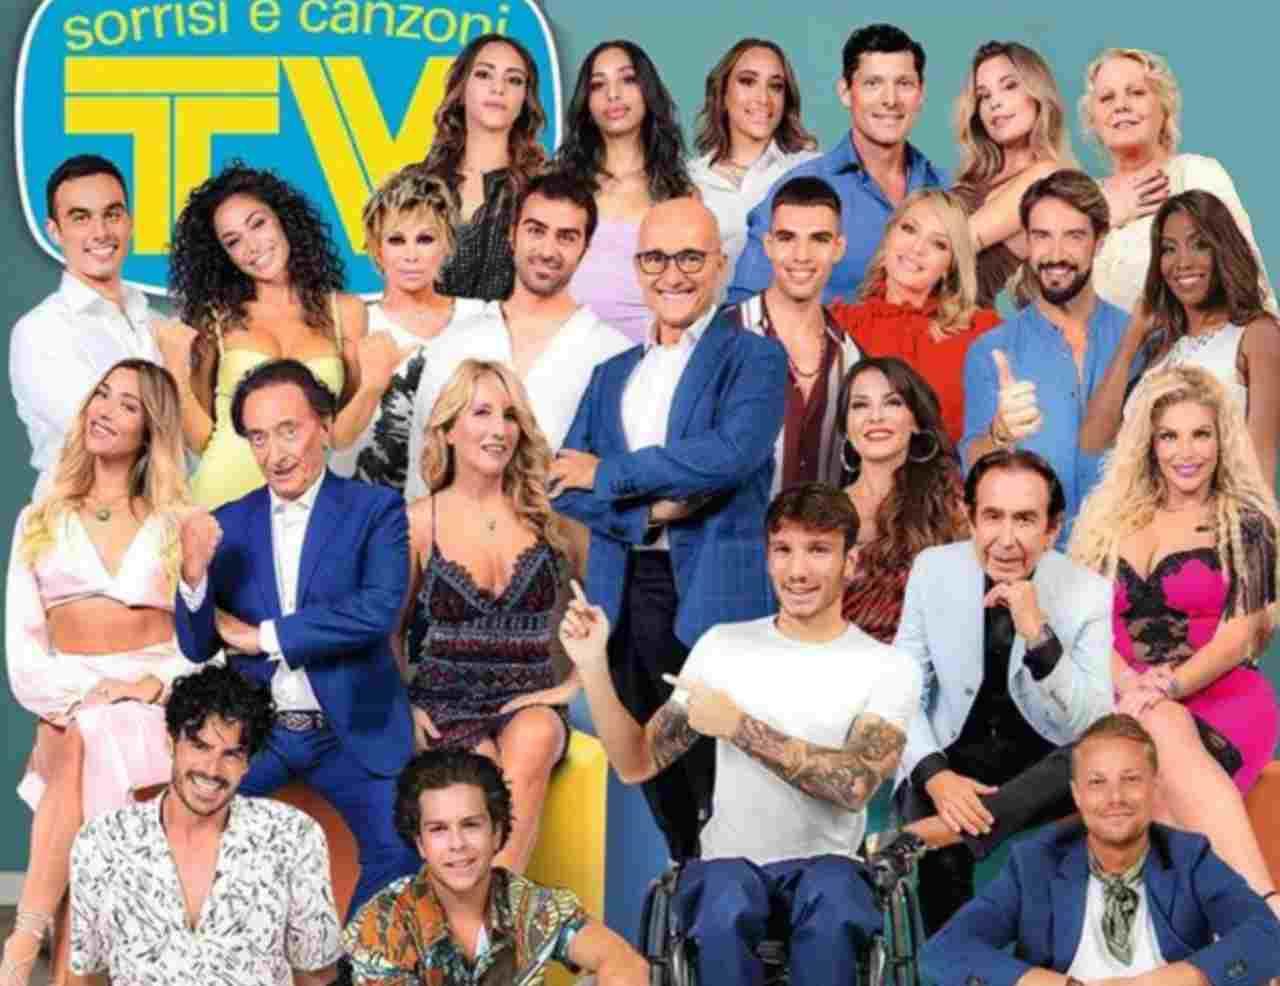 Sorrisi e Canzoni Tv dedica la consueta copertina agli inquilini del GF Vip .